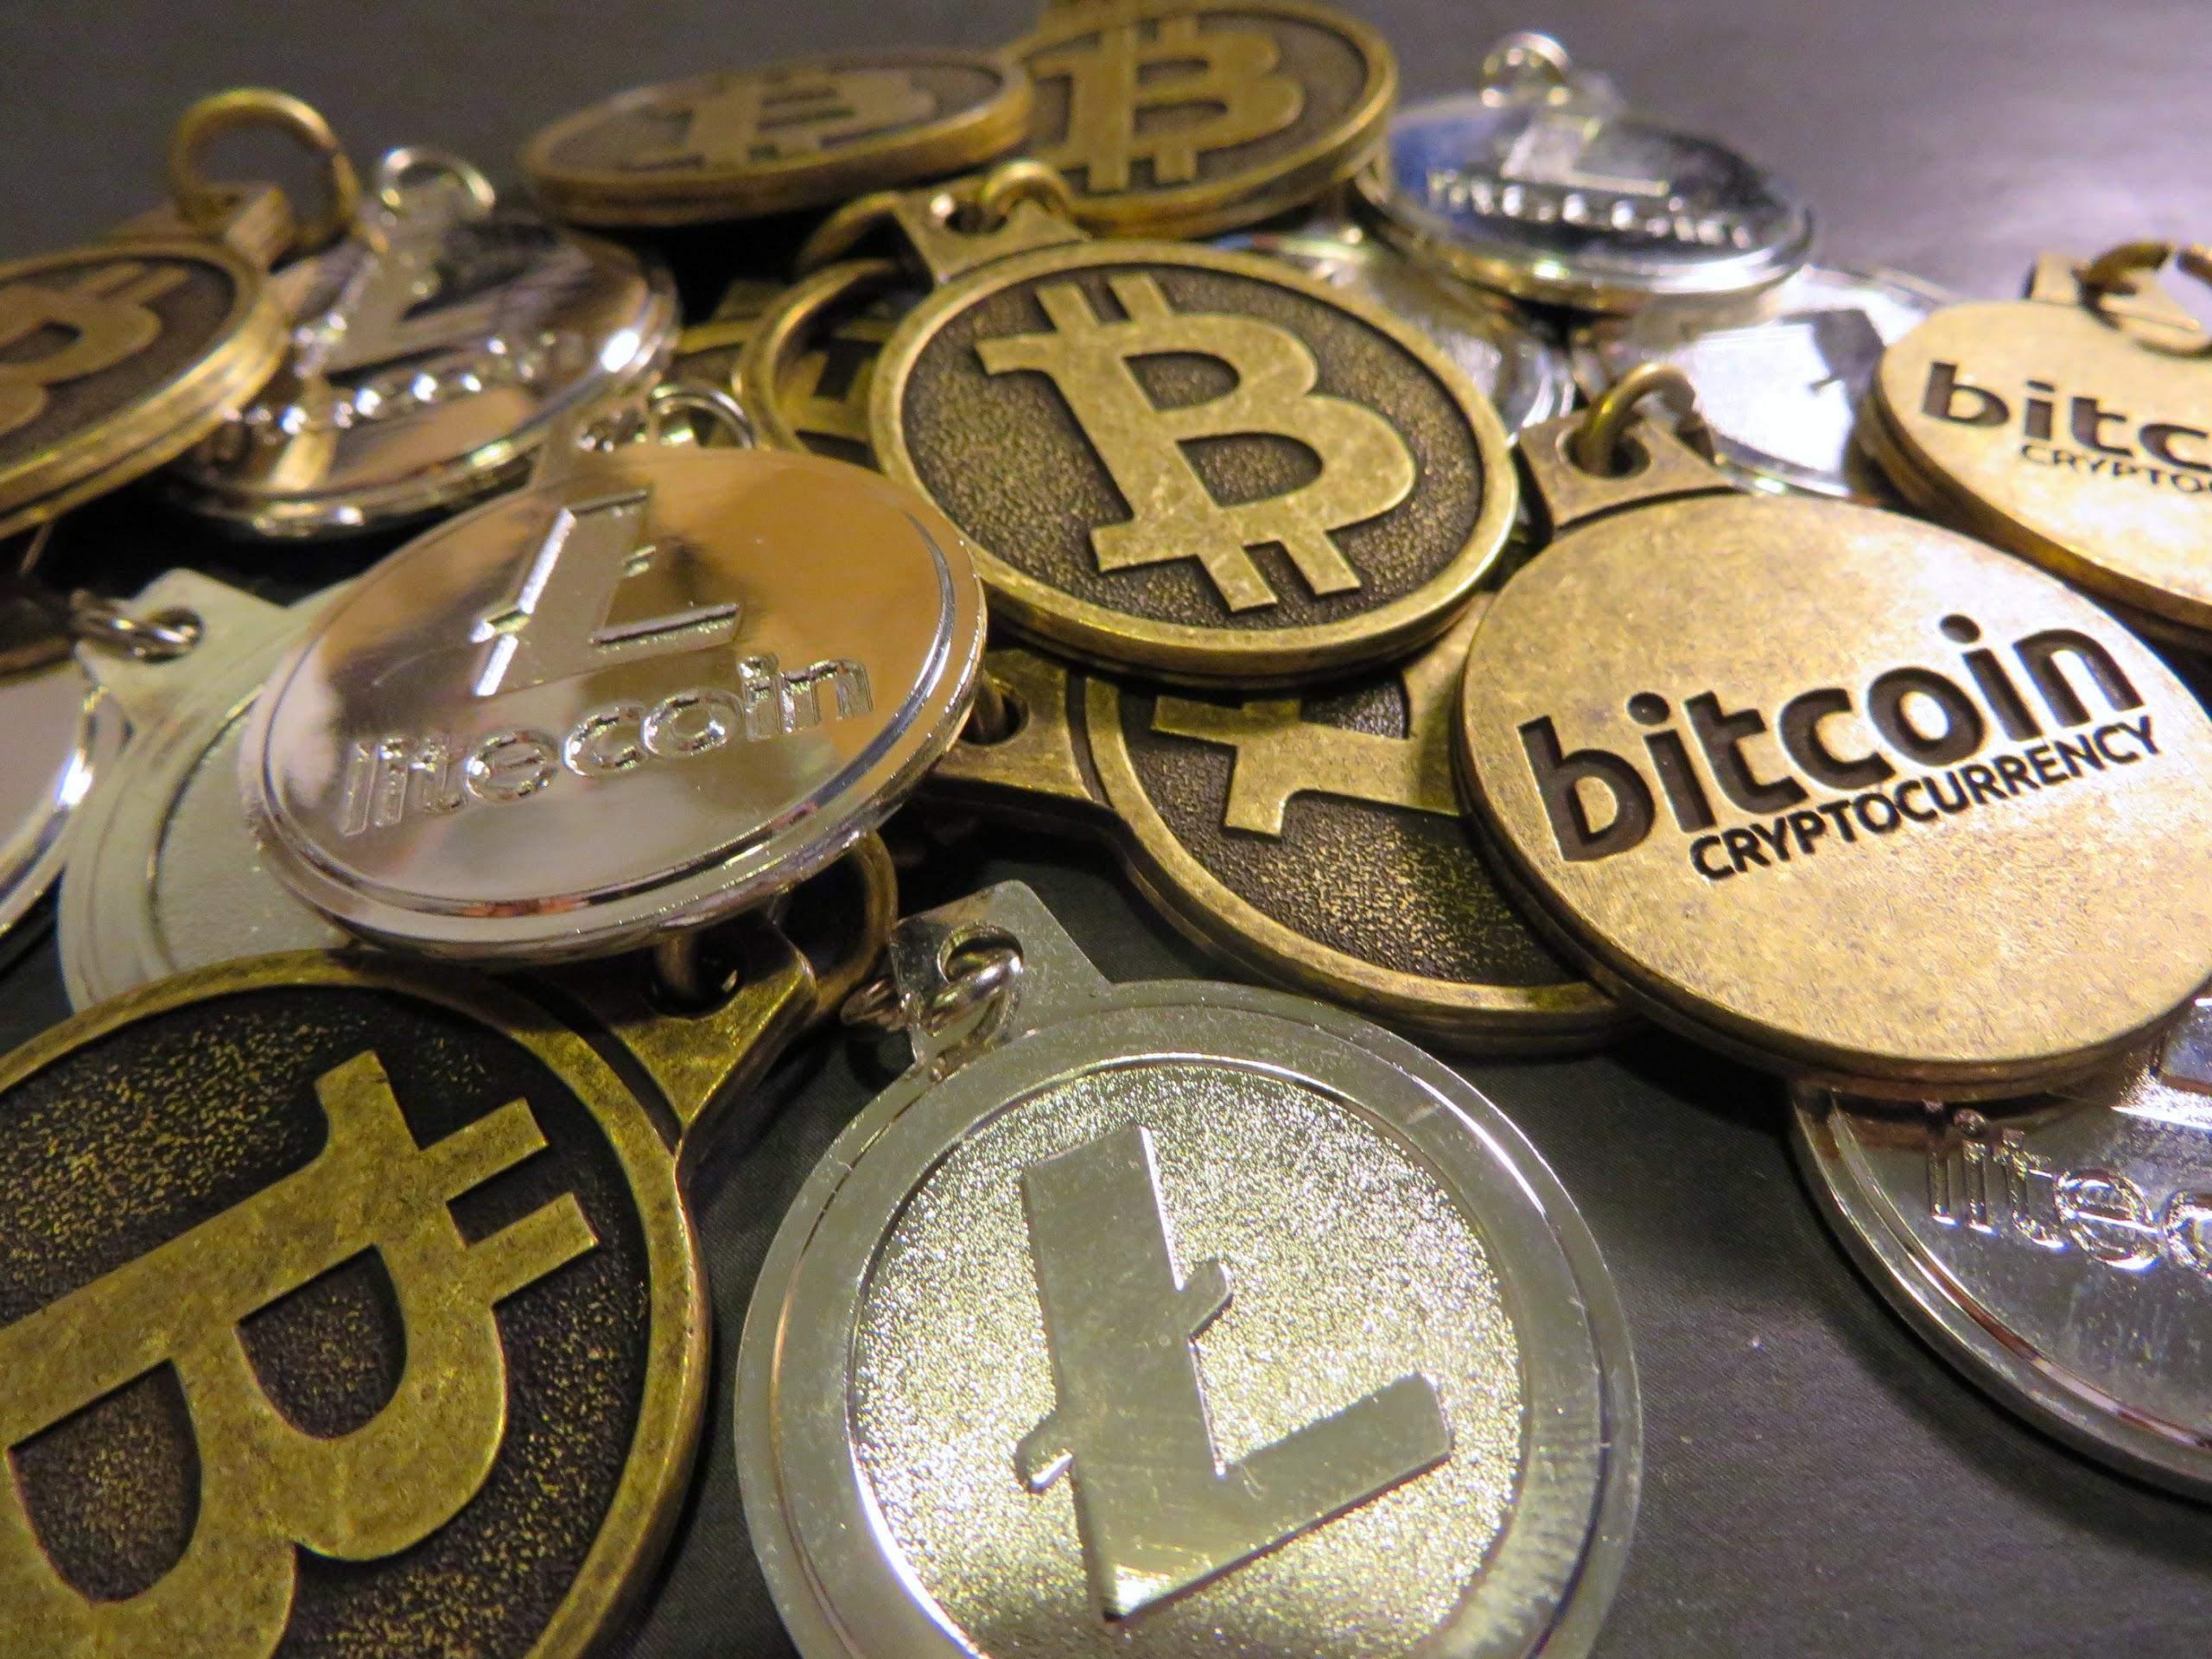 躺着赚钱的陷阱:30万人狂买的虚拟币是传销骗局